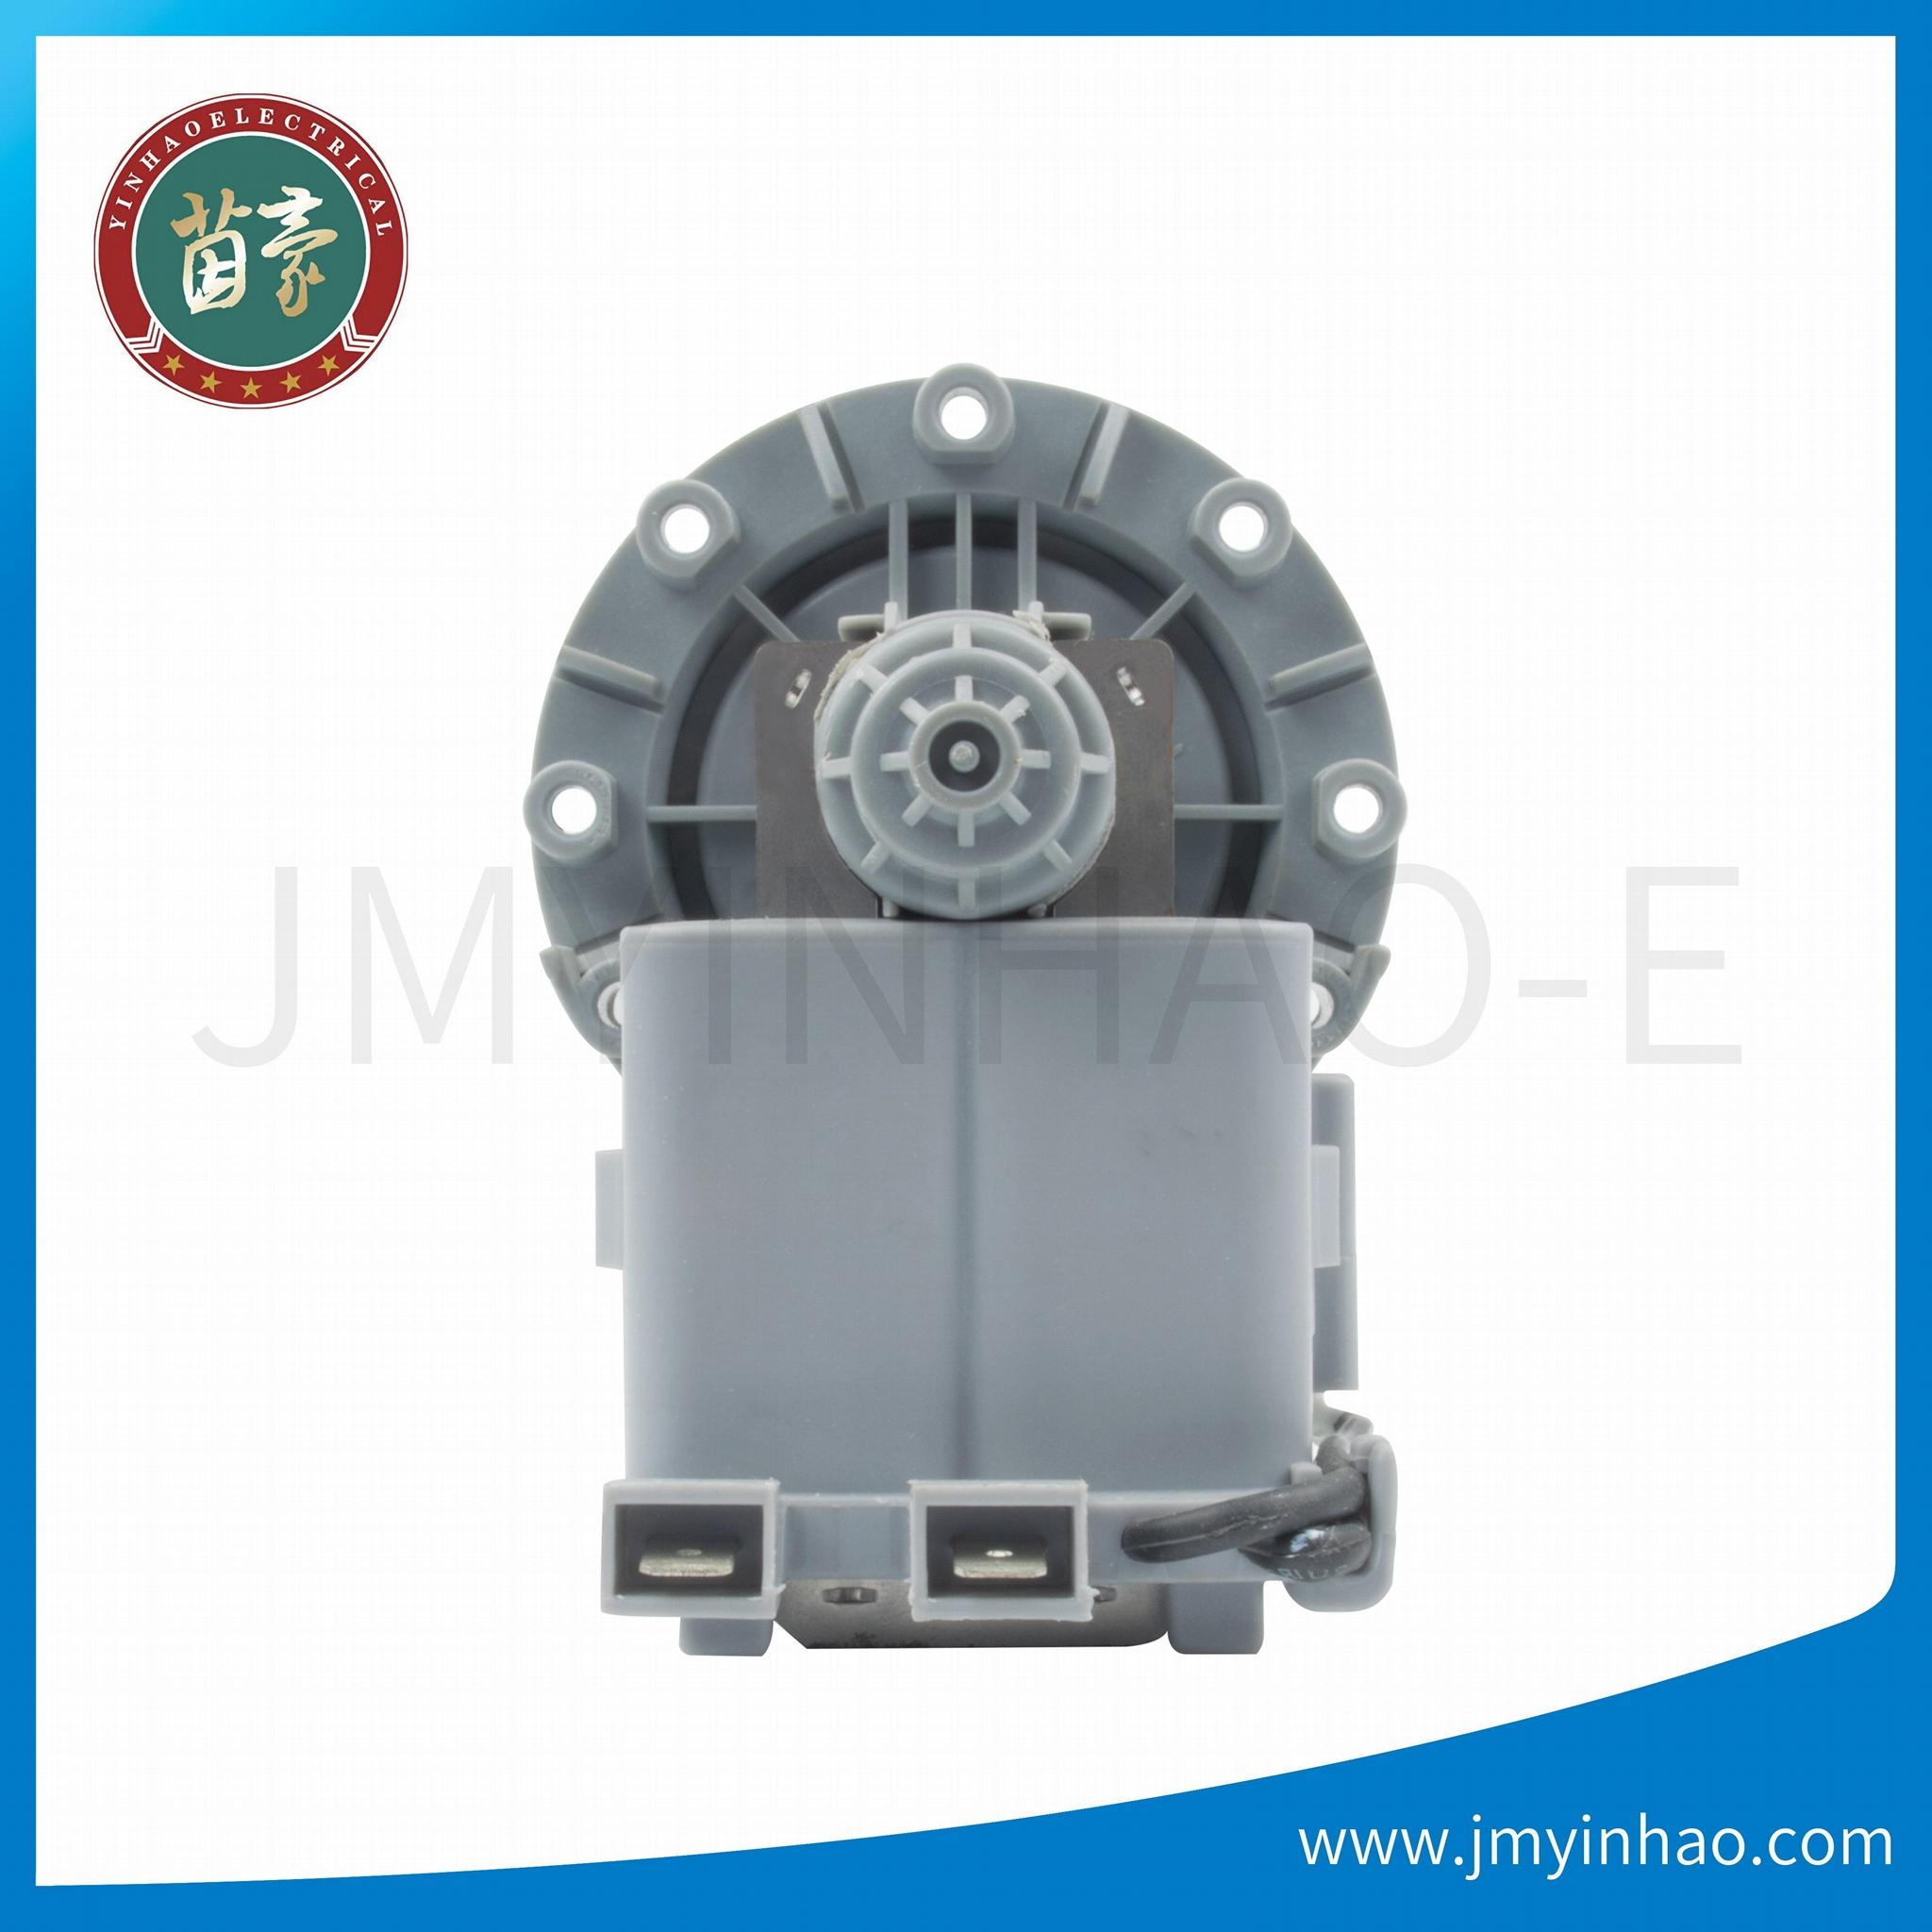 製冰機排水泵 4